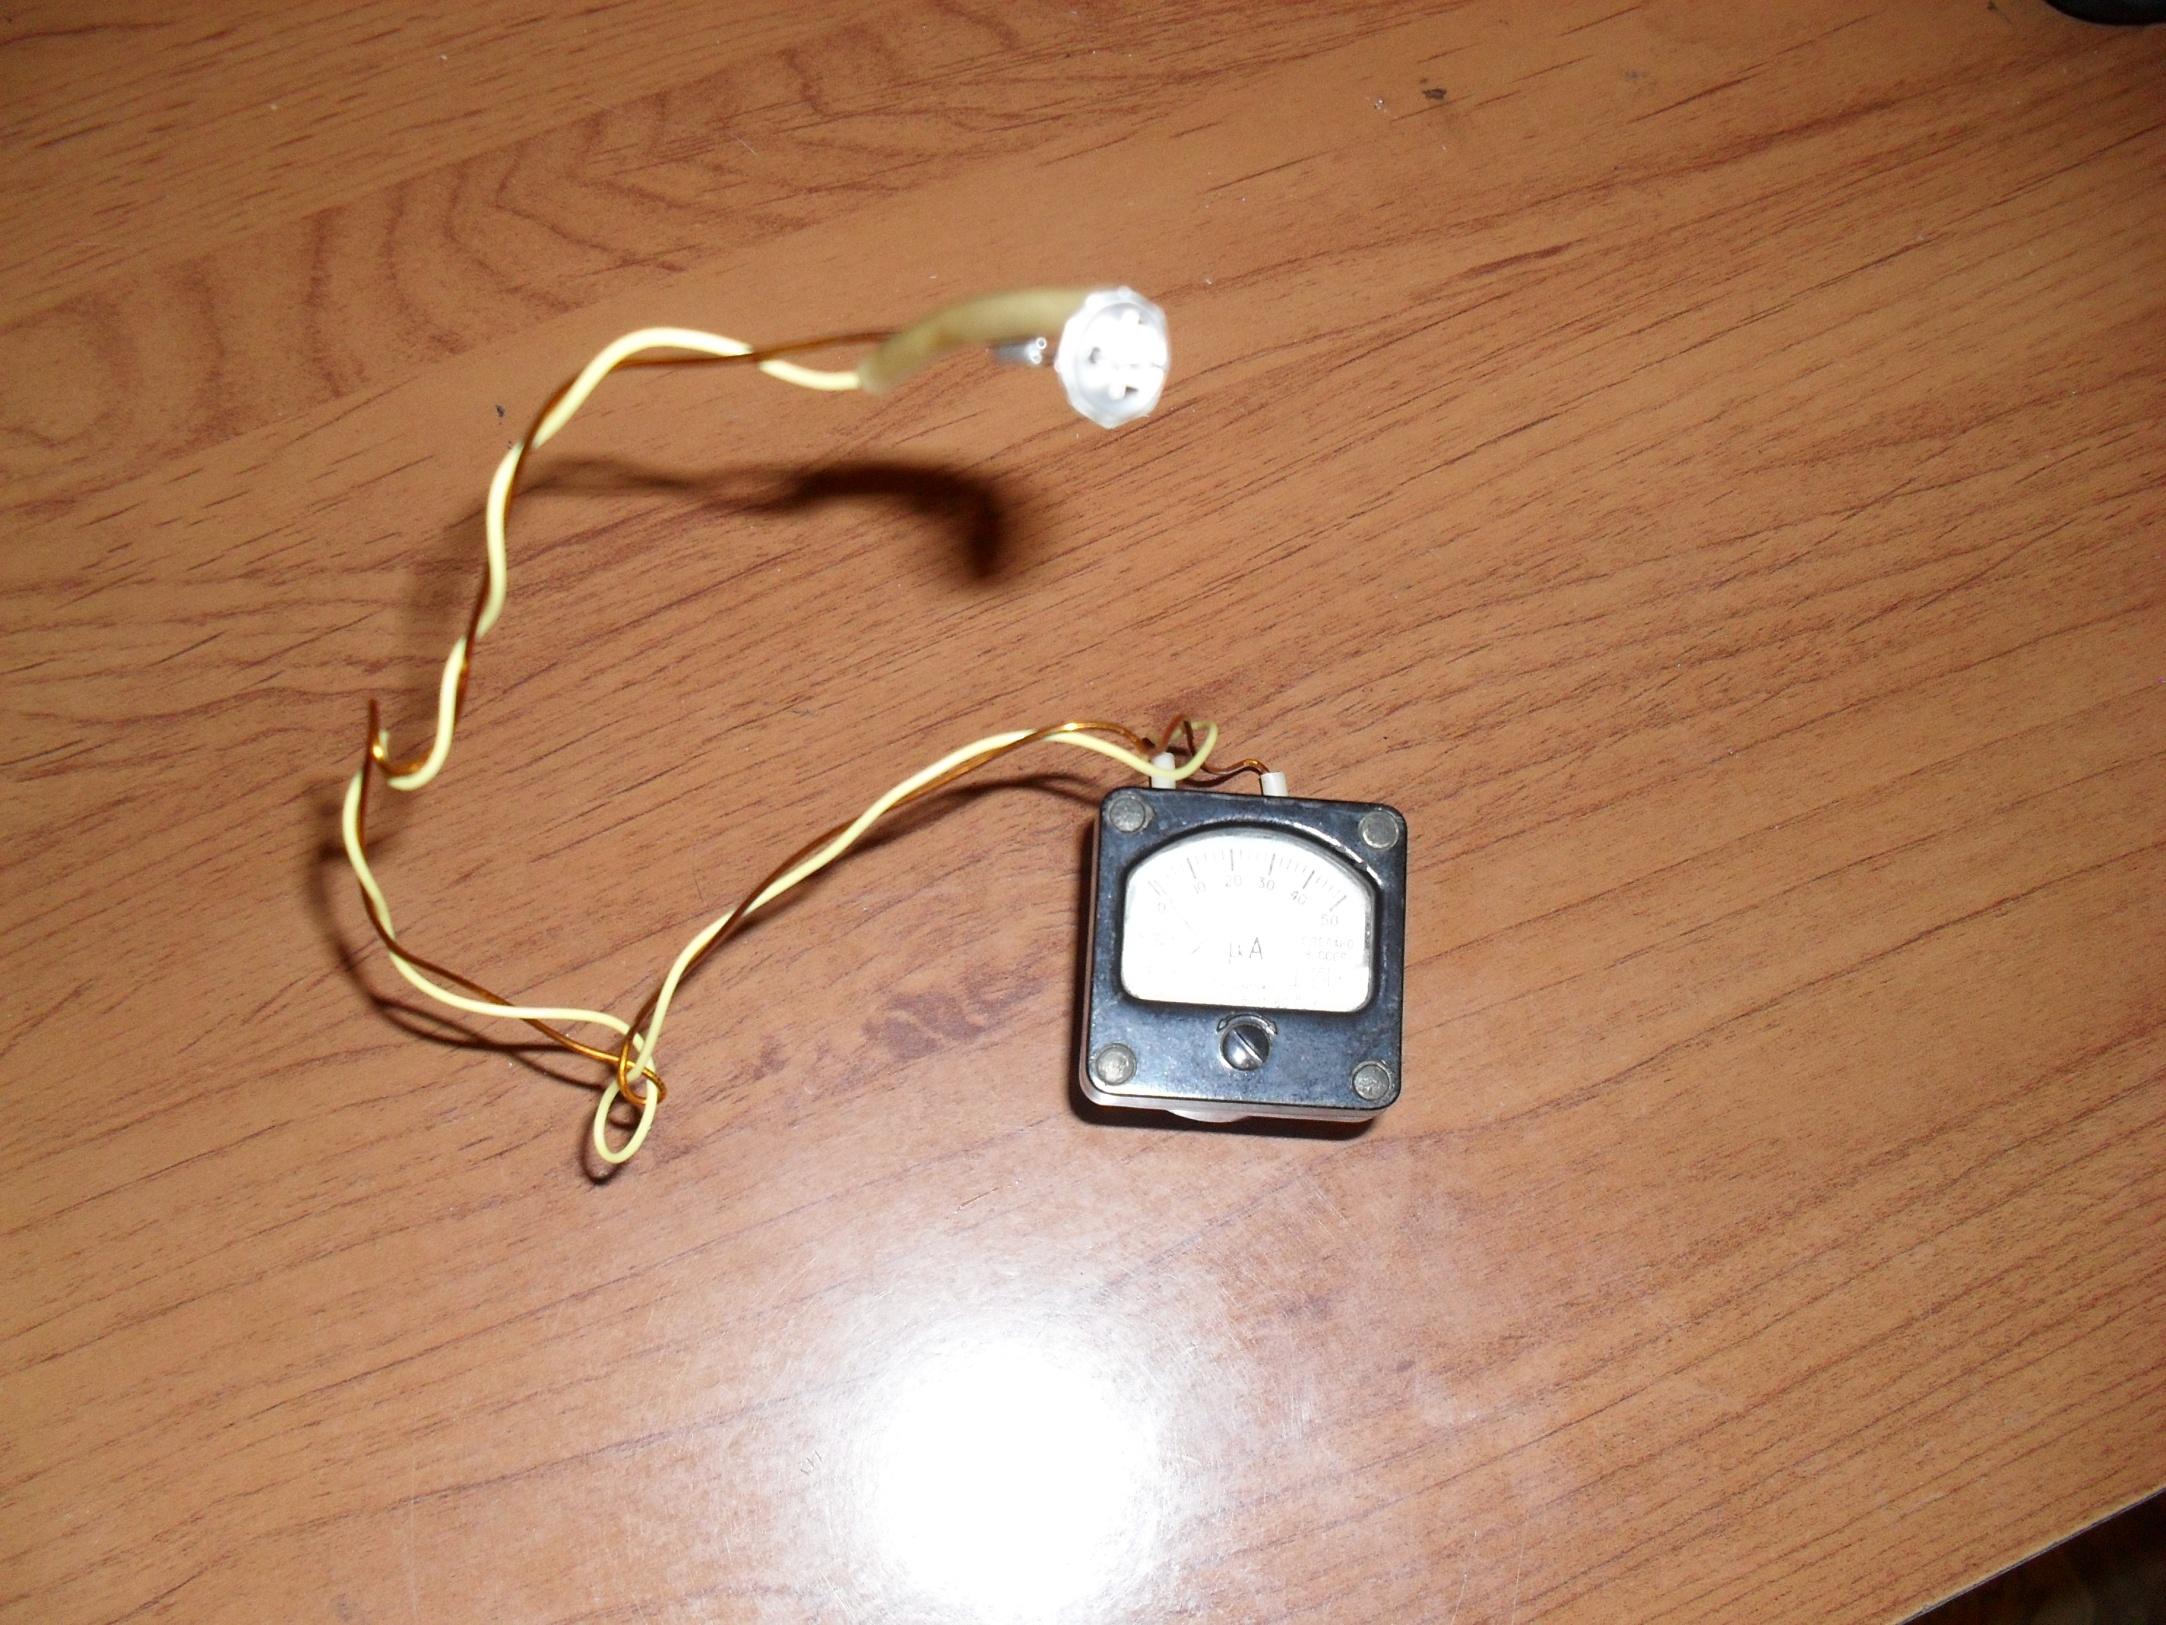 Солнечная батарея из транзисторов Каталог самоделок 62